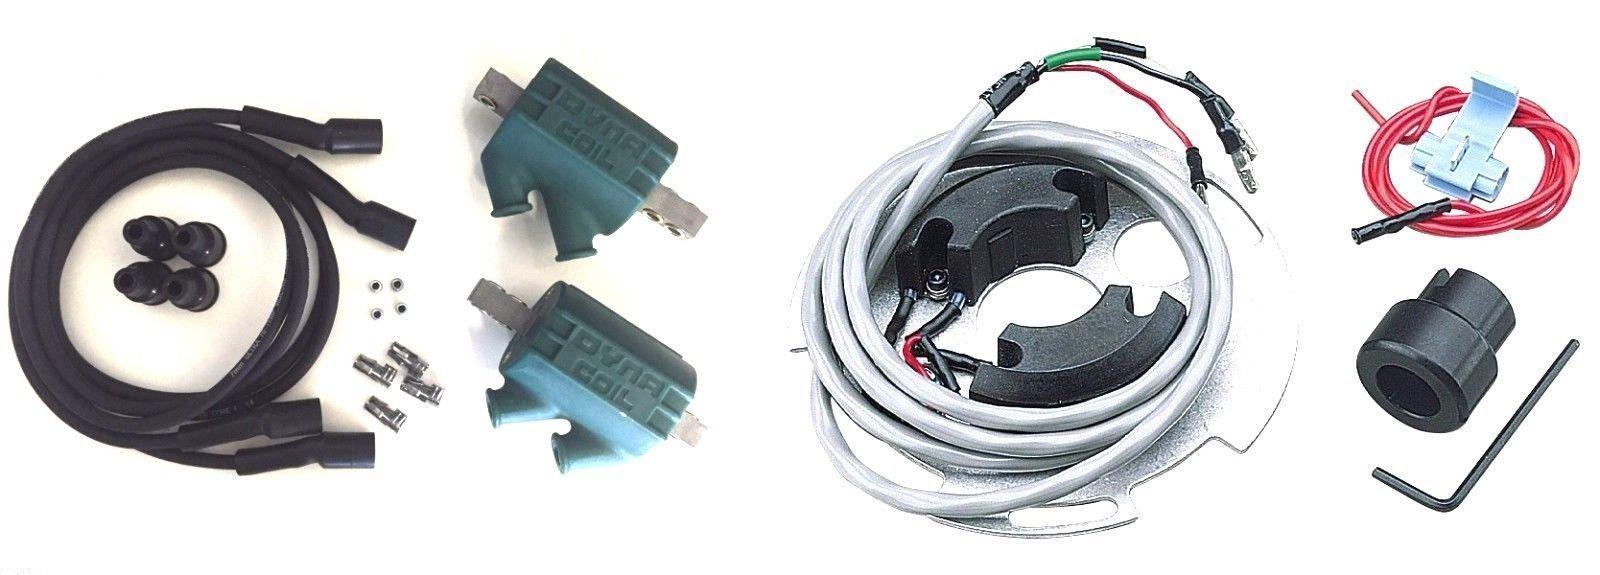 kz a conversion to cdi ignition forum kz dyna s electronic ignition coils wires kawasaki kz900 kz1000 kz1100 1973 1985